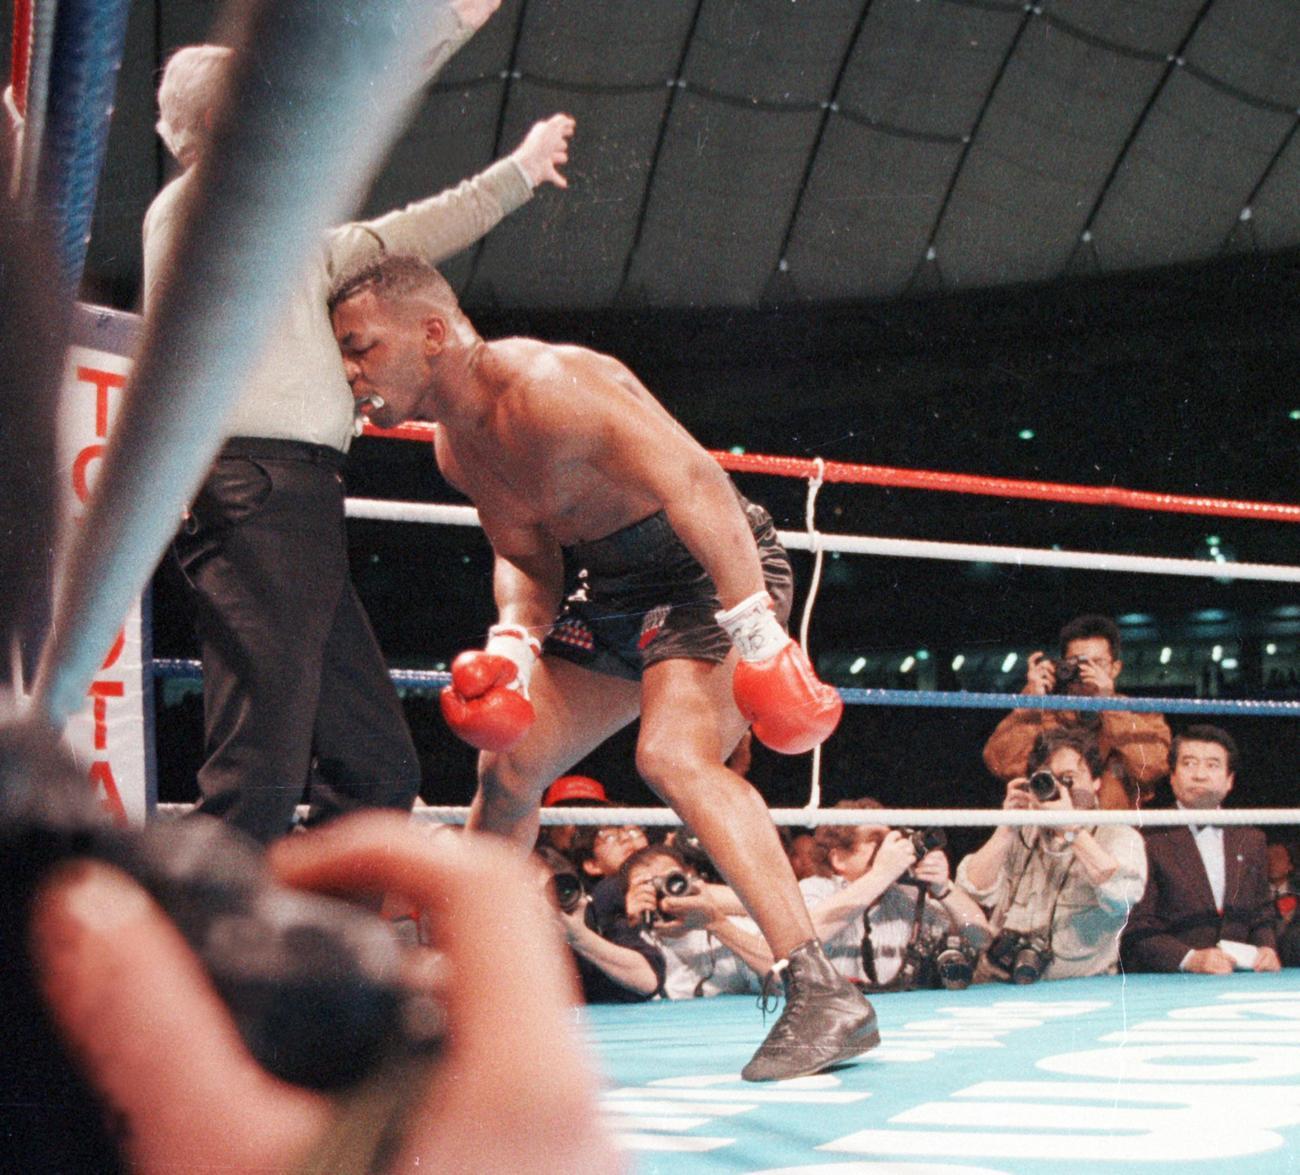 ダグラスからダウンを奪われKO負けしたマイク・タイソンはダメージからレフェリー(左)に寄りかかる(1990年2月11日)